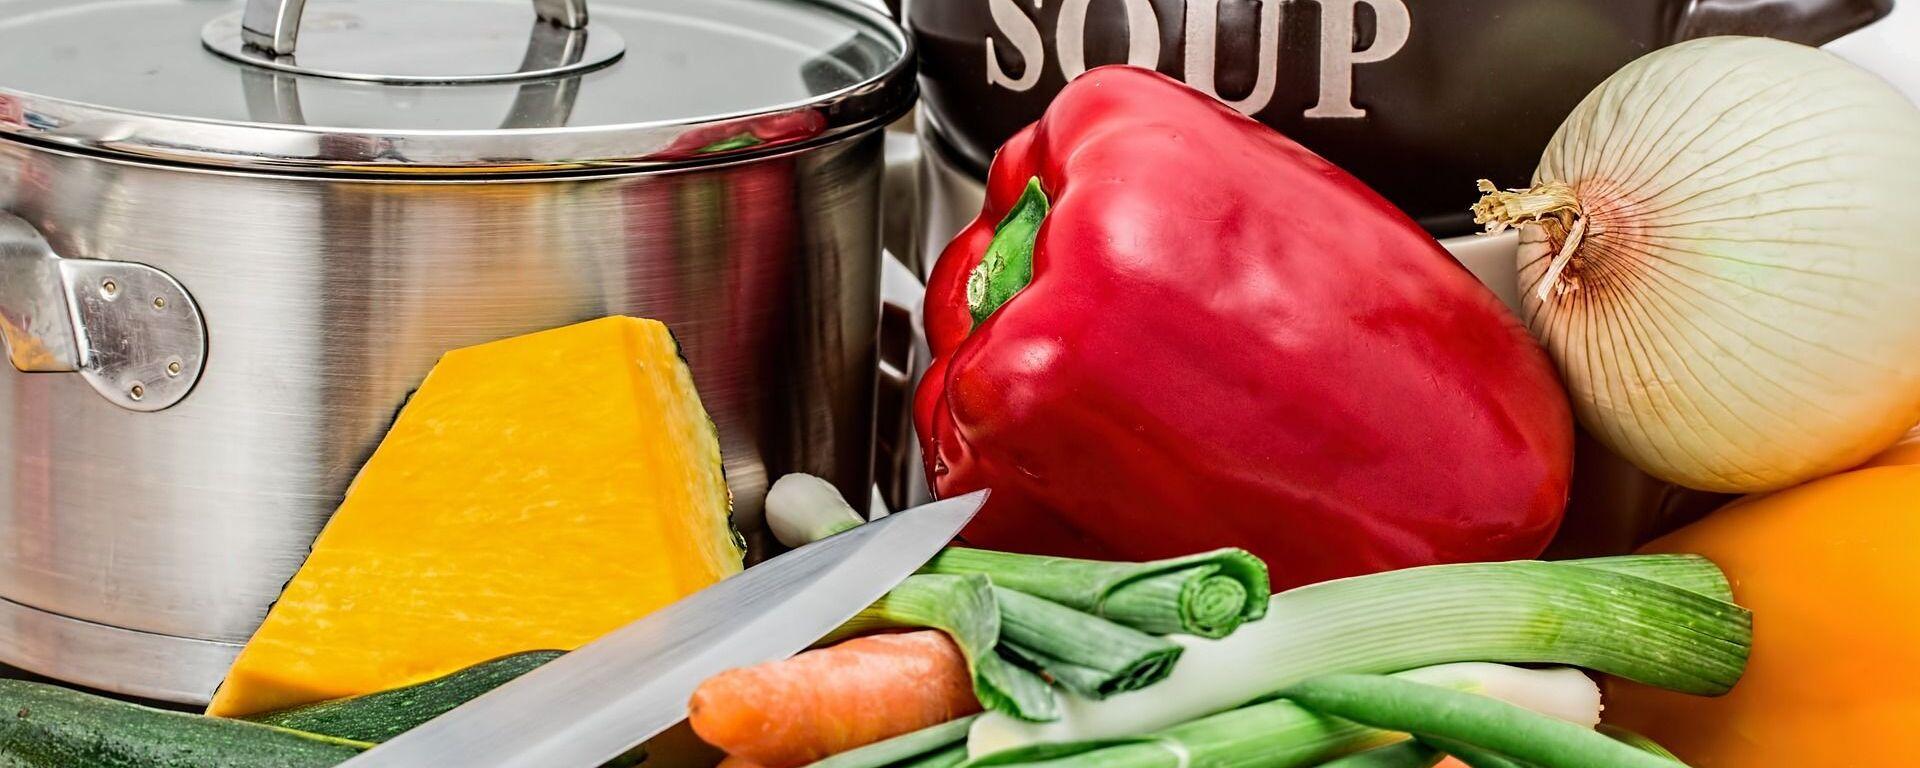 Ингредиенты для приготовления супа - Sputnik Таджикистан, 1920, 05.04.2019